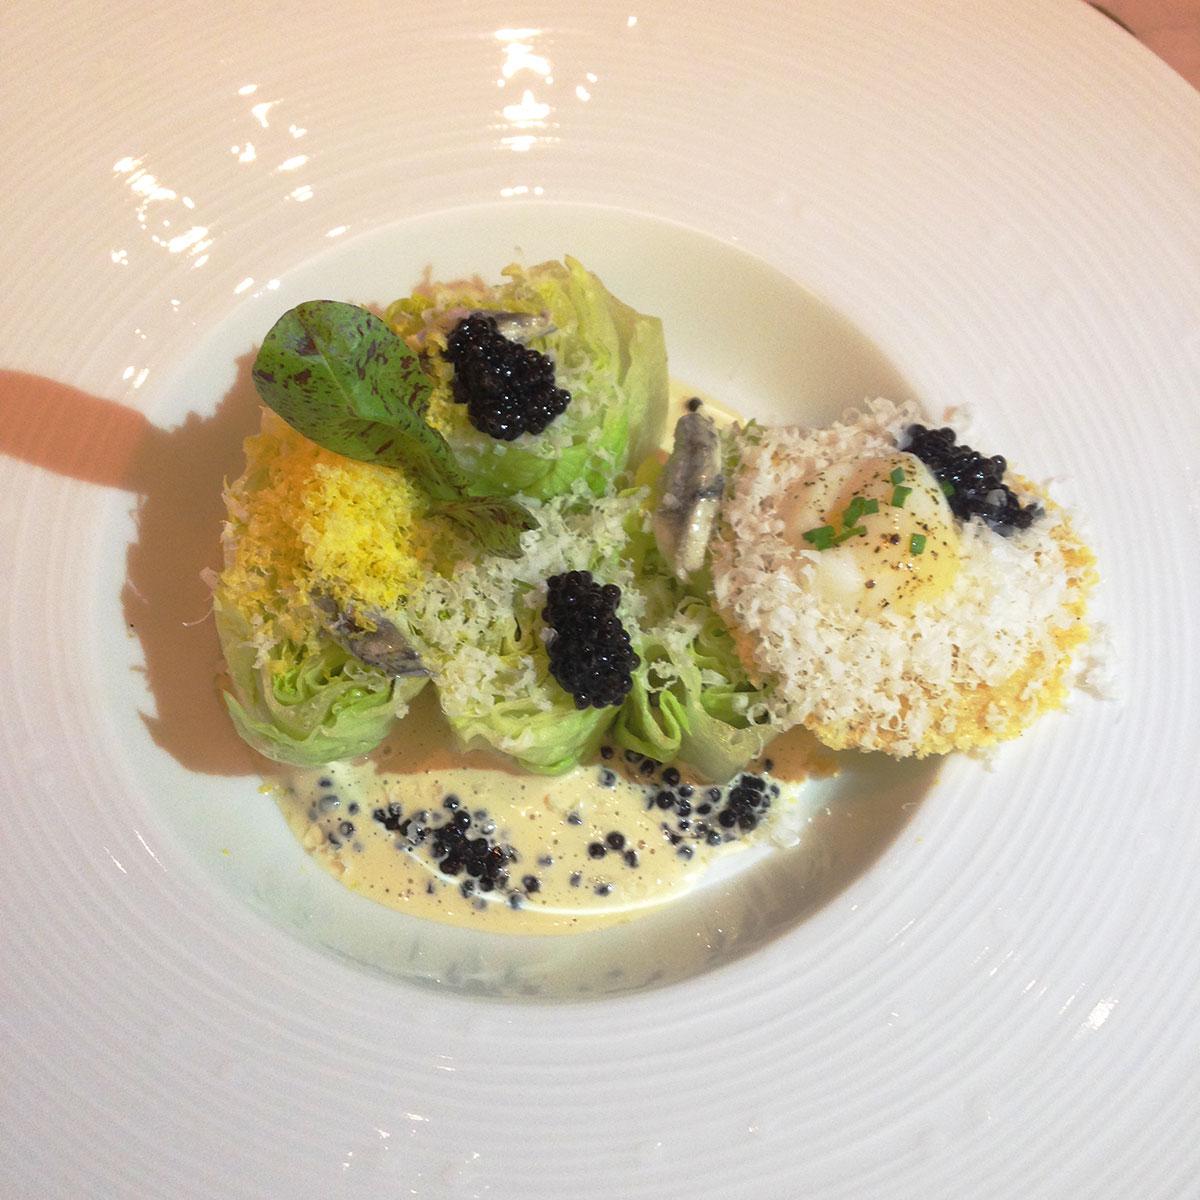 Caviar-Russe-Miami-cesar-salad